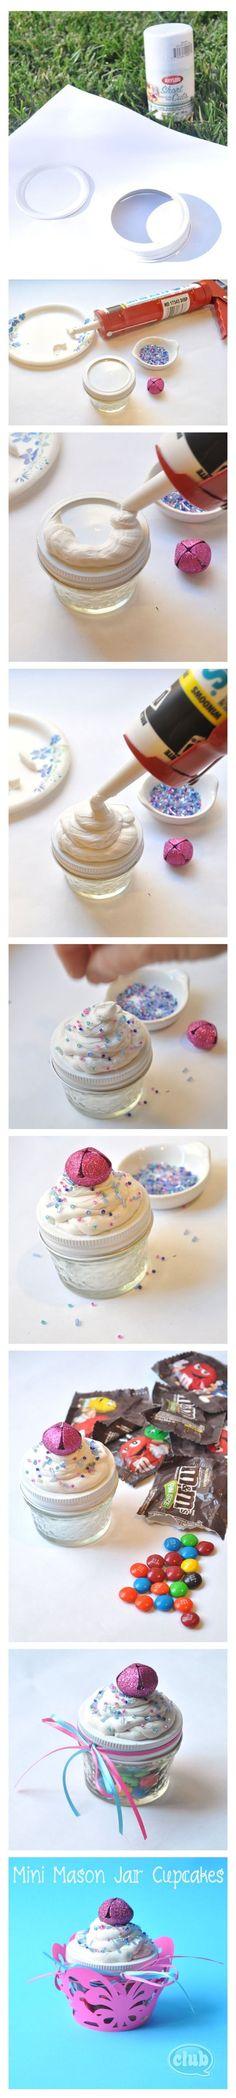 Cool gift jar